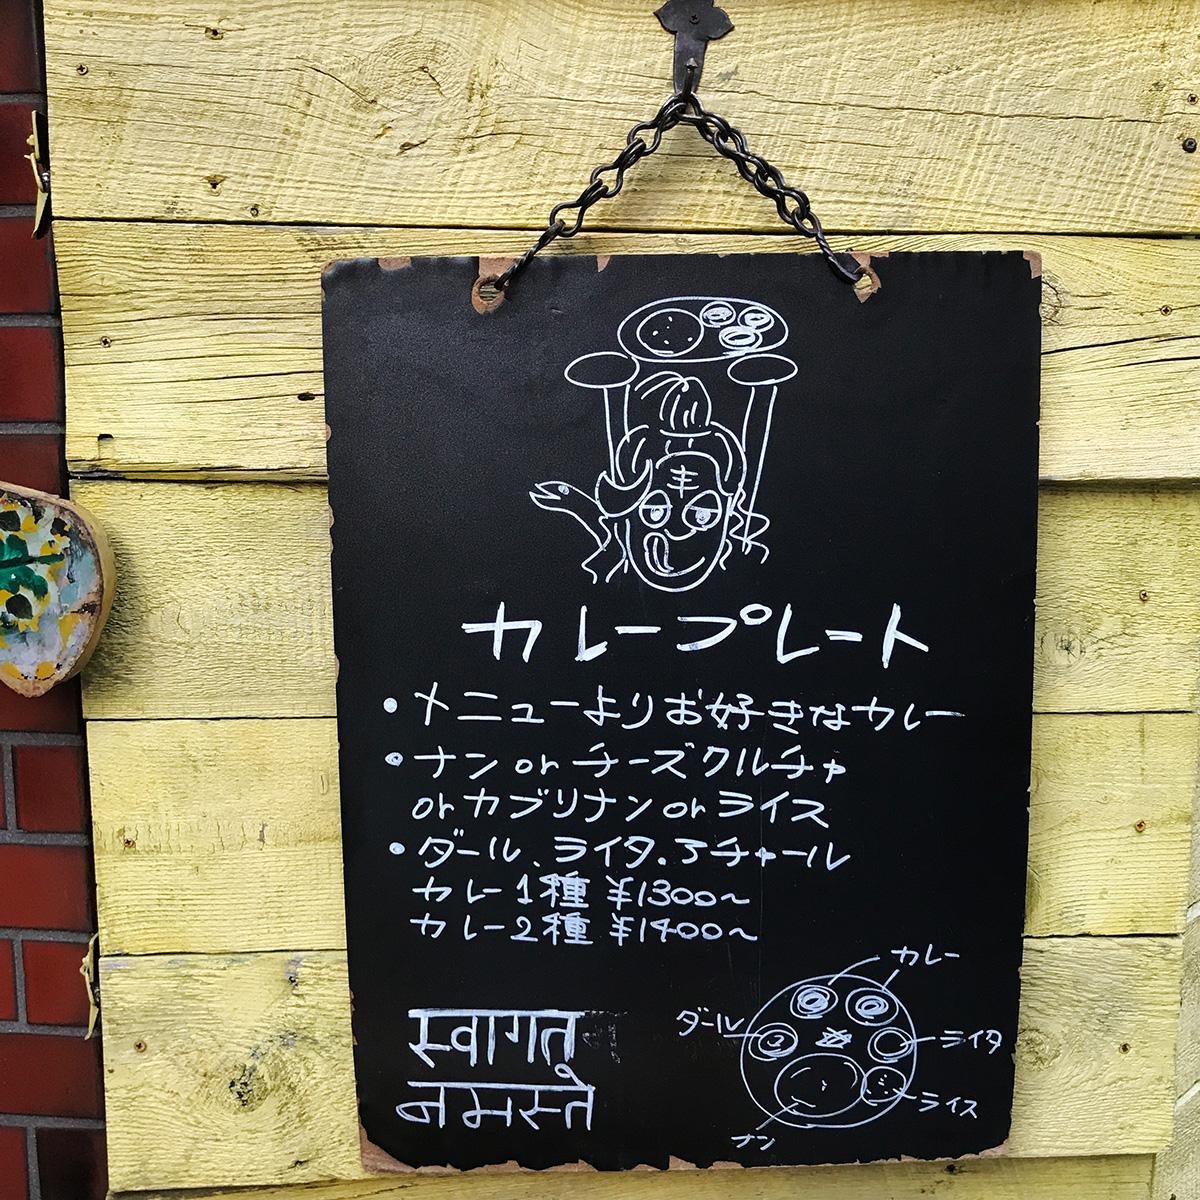 三軒茶屋シバカリーワラ カレープレート